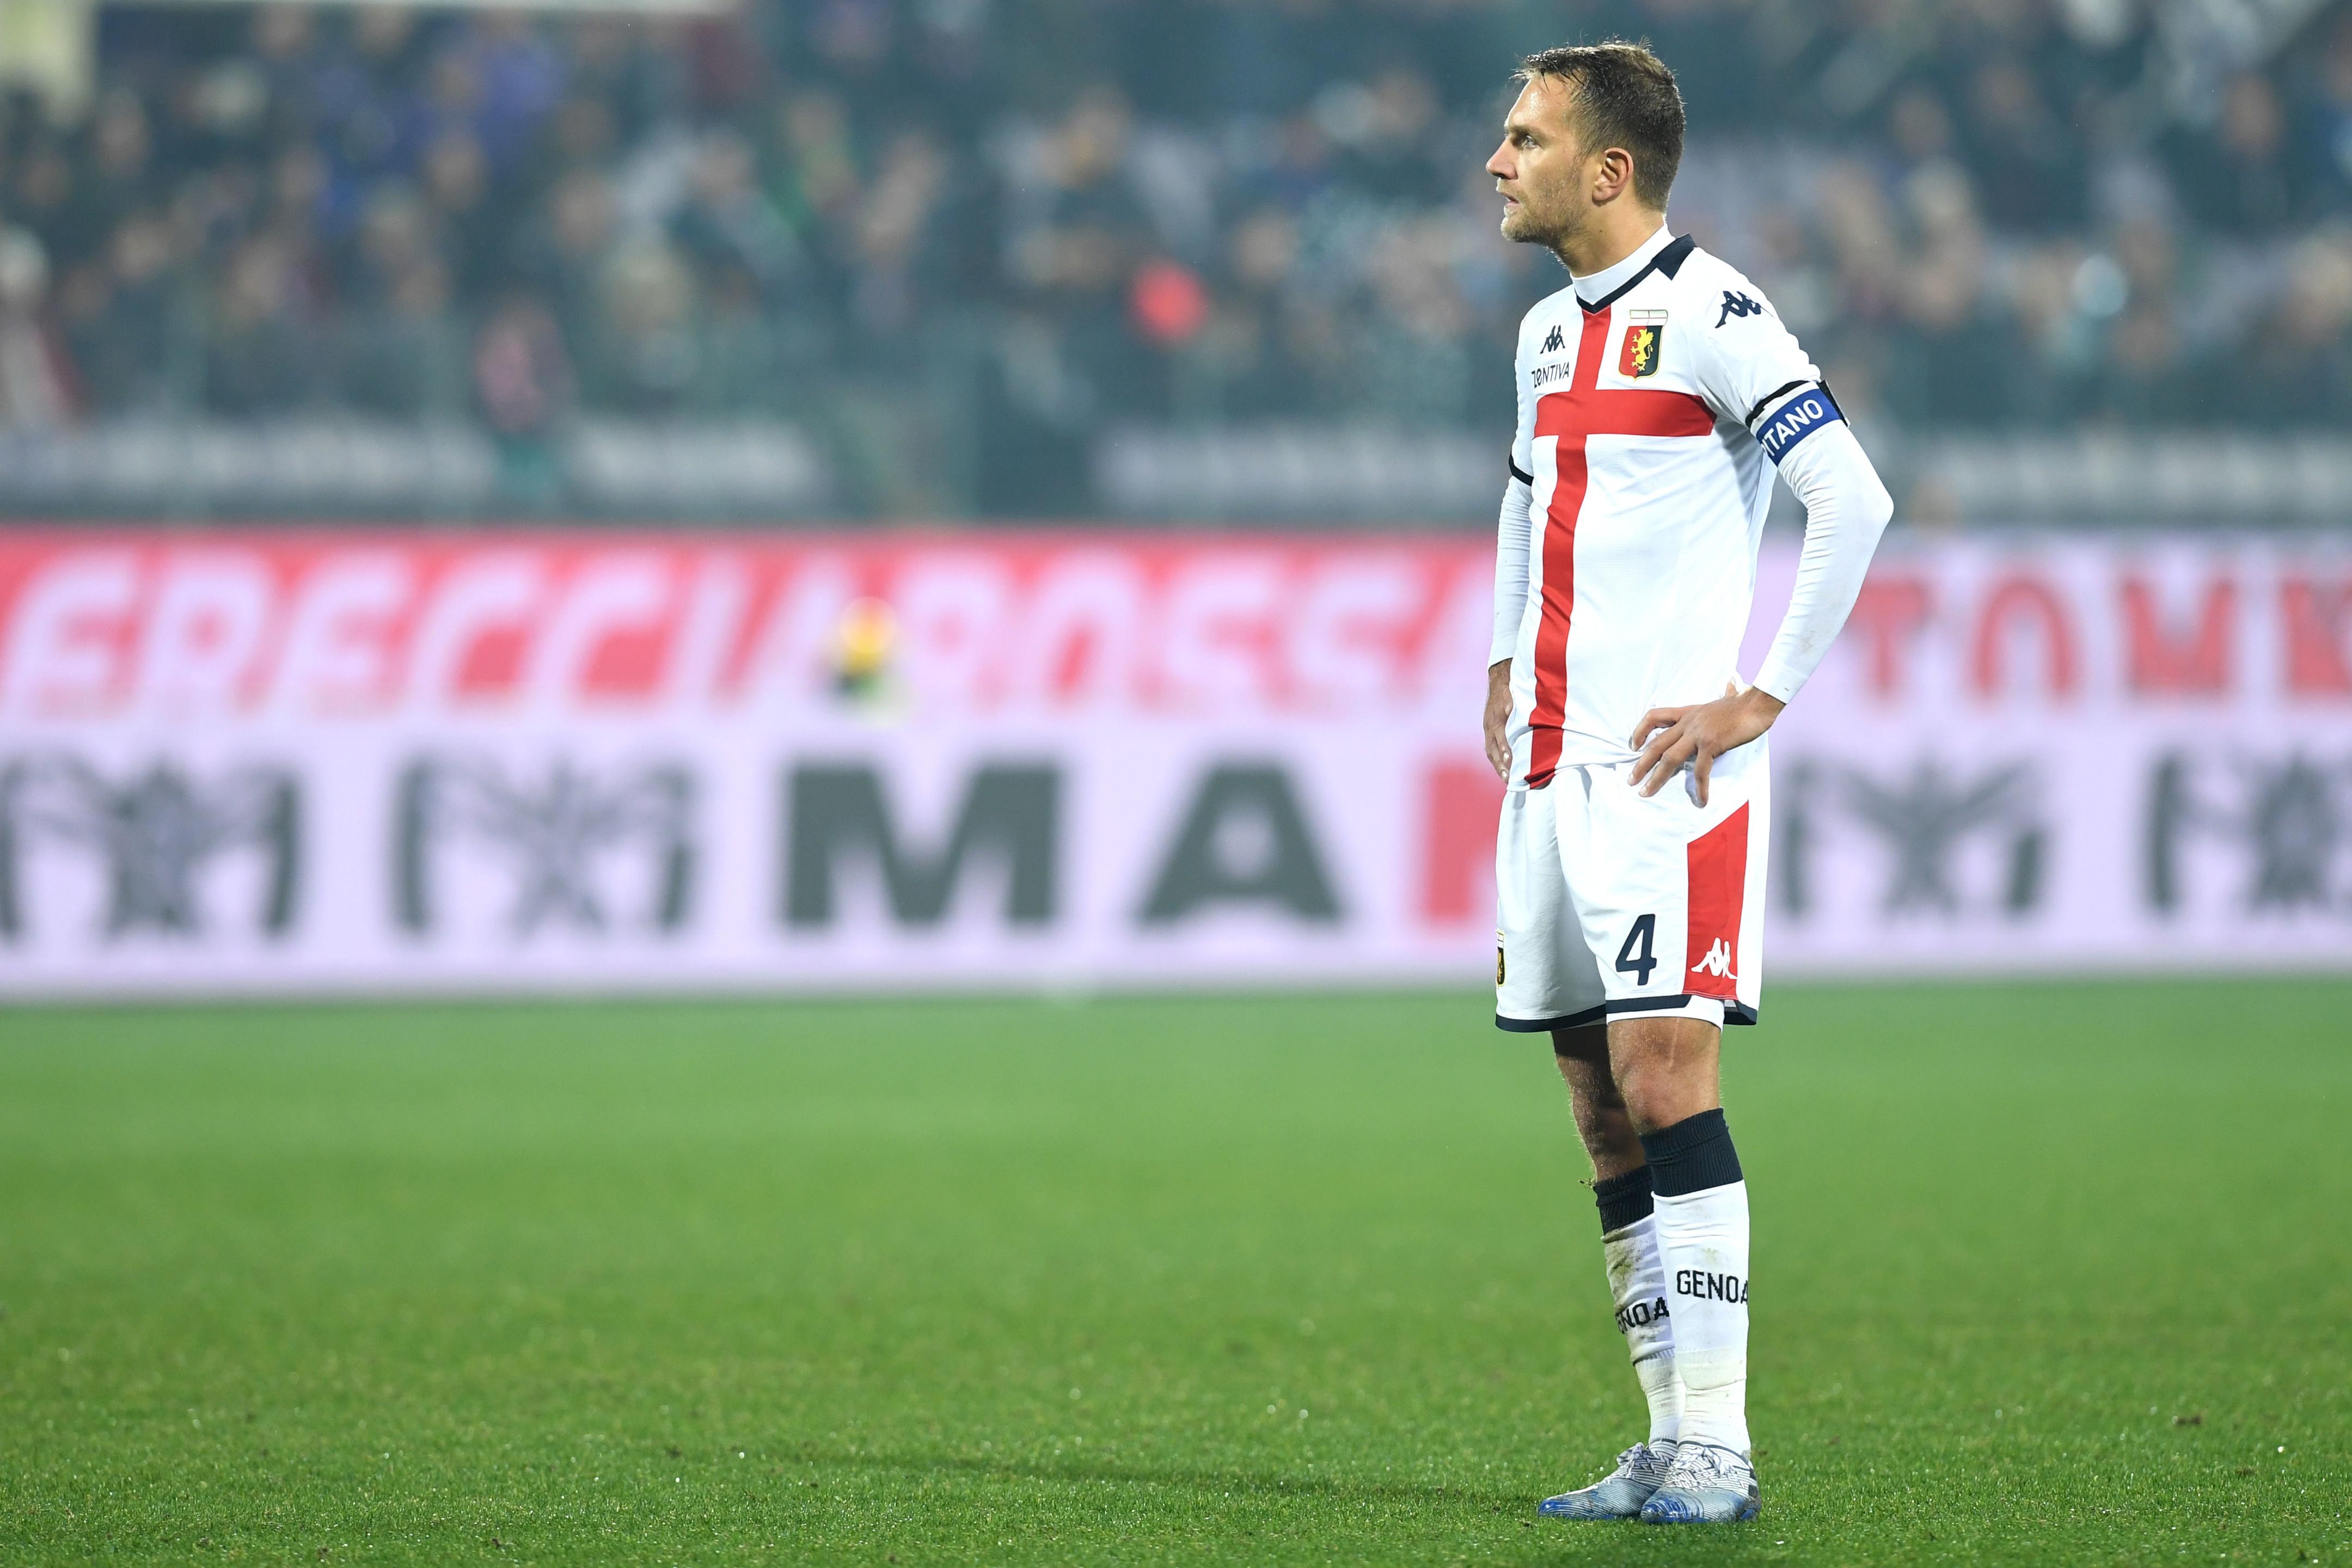 Criscito-Fiorentina: il capitano del Genoa si è opposto alla cessione in viola quando tutto sembrava fatto